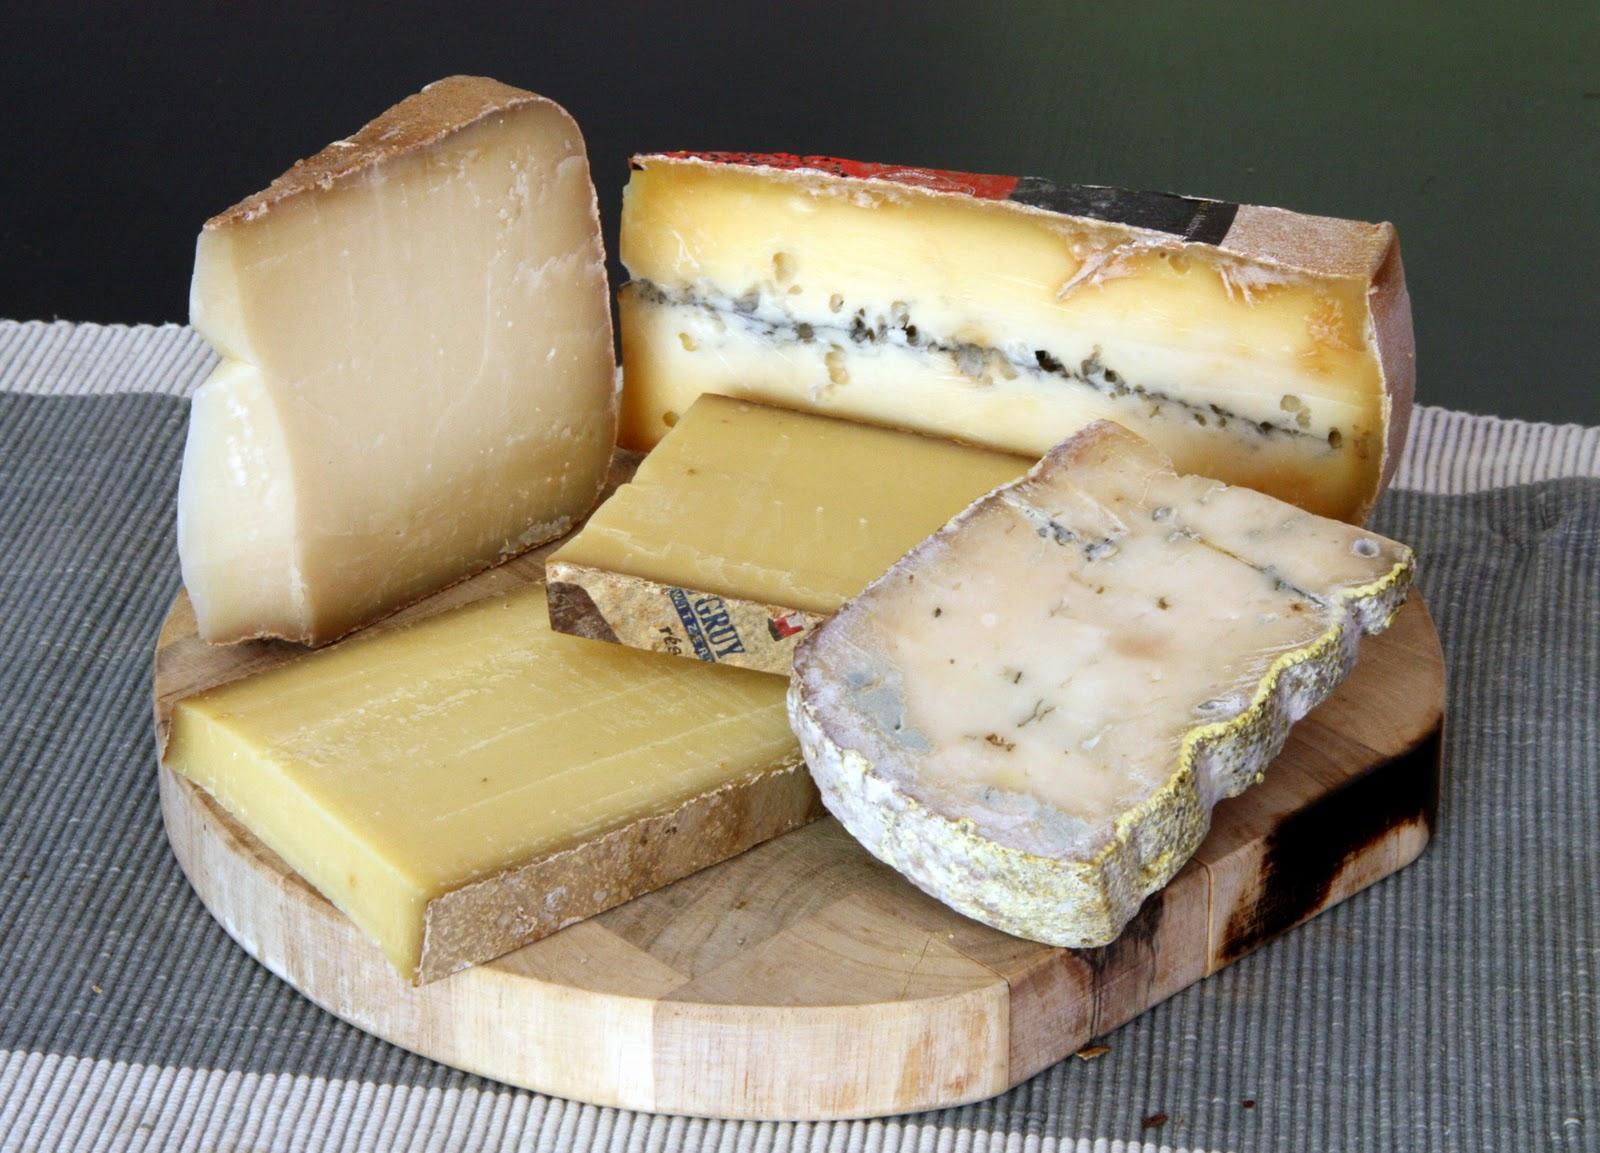 ¿Son quesos? (Rep.)